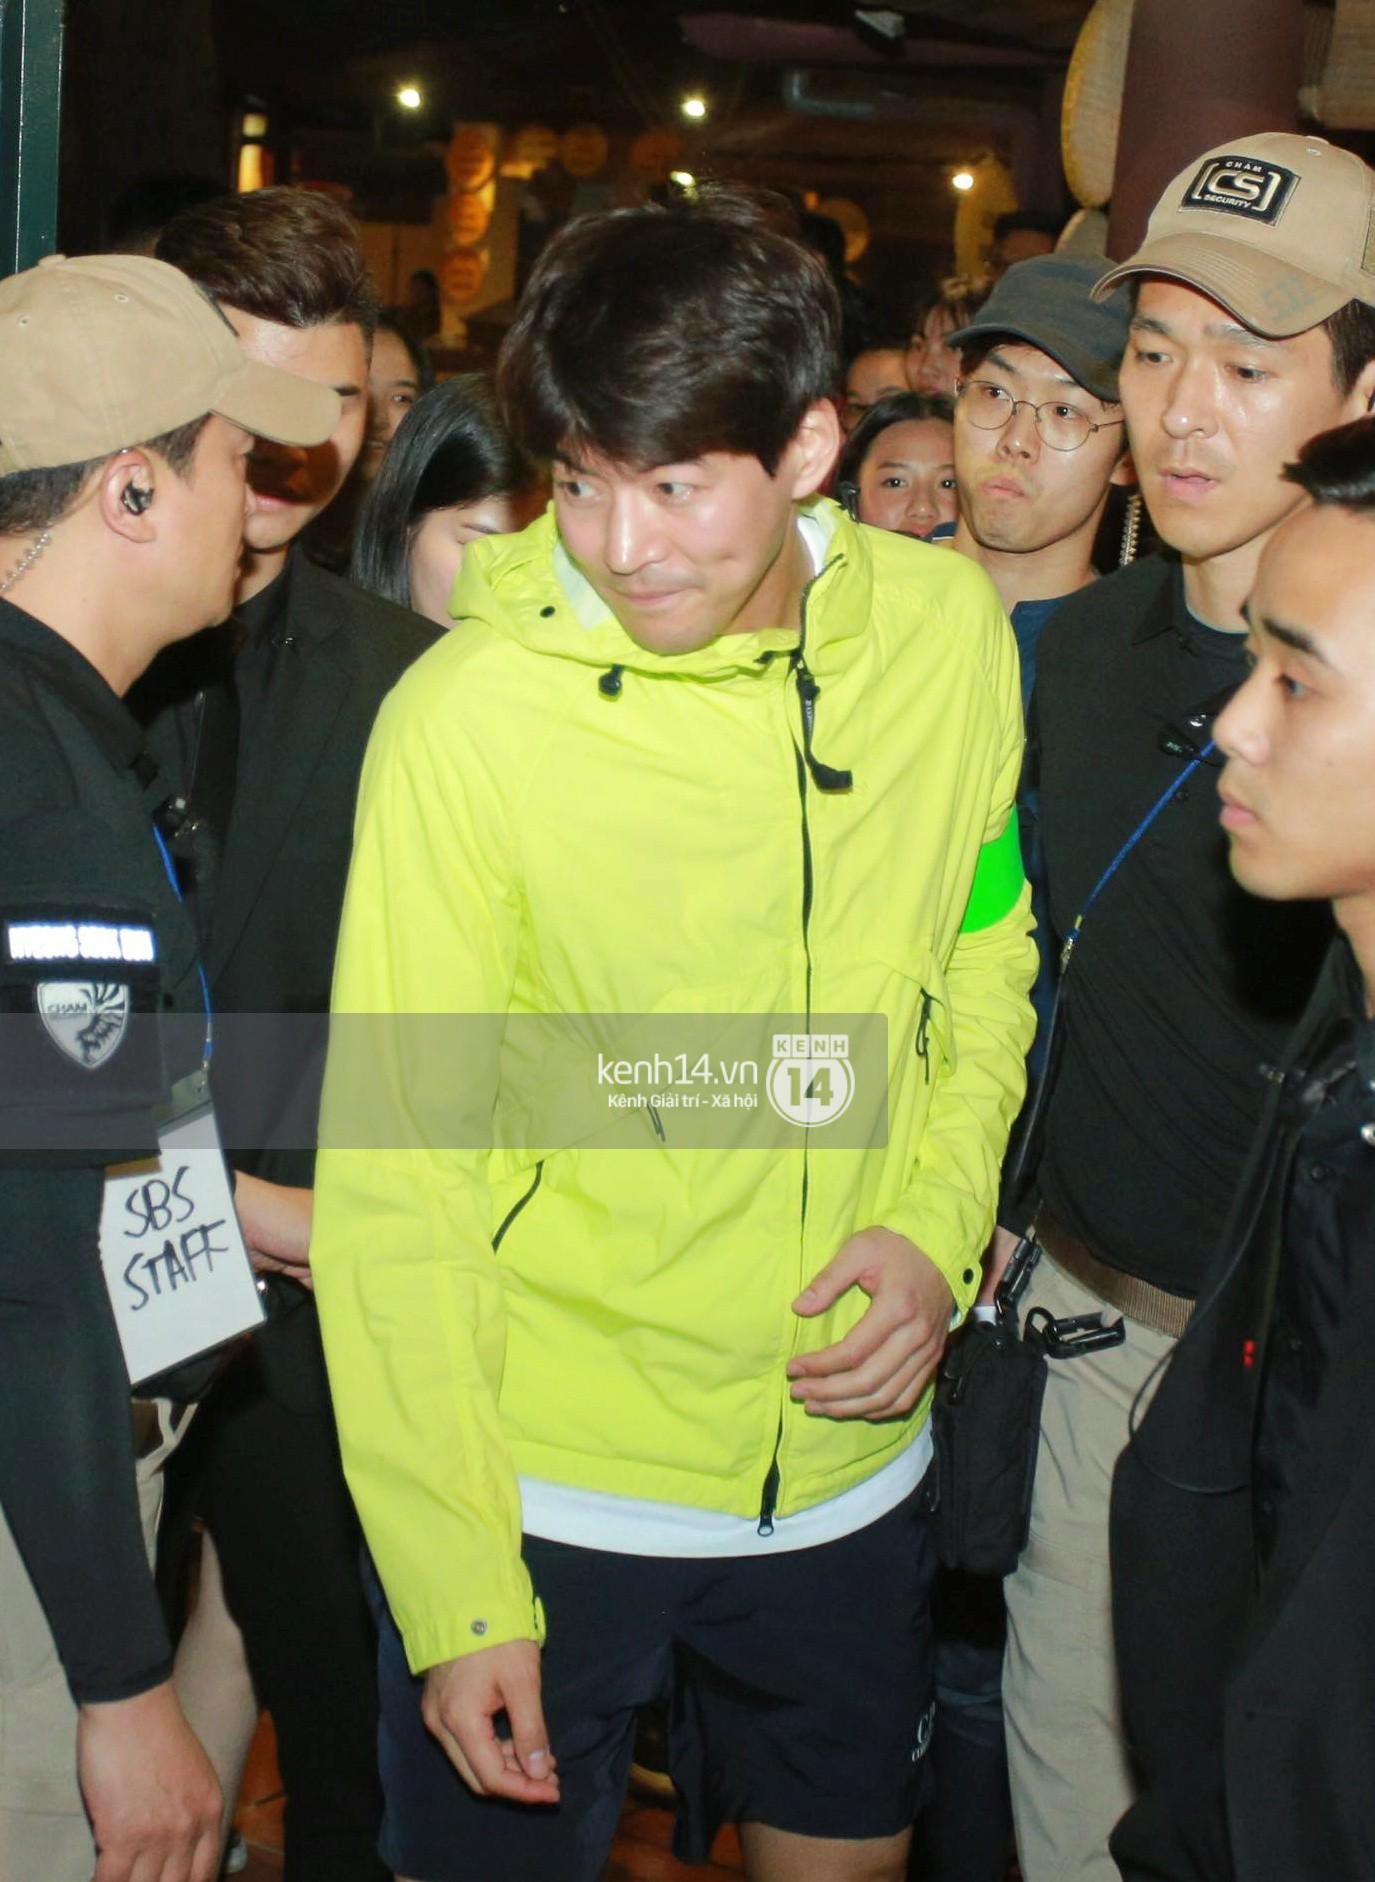 Đến nhà hàng Việt dùng bữa, tài tử Hoa du ký Lee Seung Gi, Yook Sung Jae cùng HLV U23 khó khăn thoát khỏi đám đông fan - Ảnh 8.